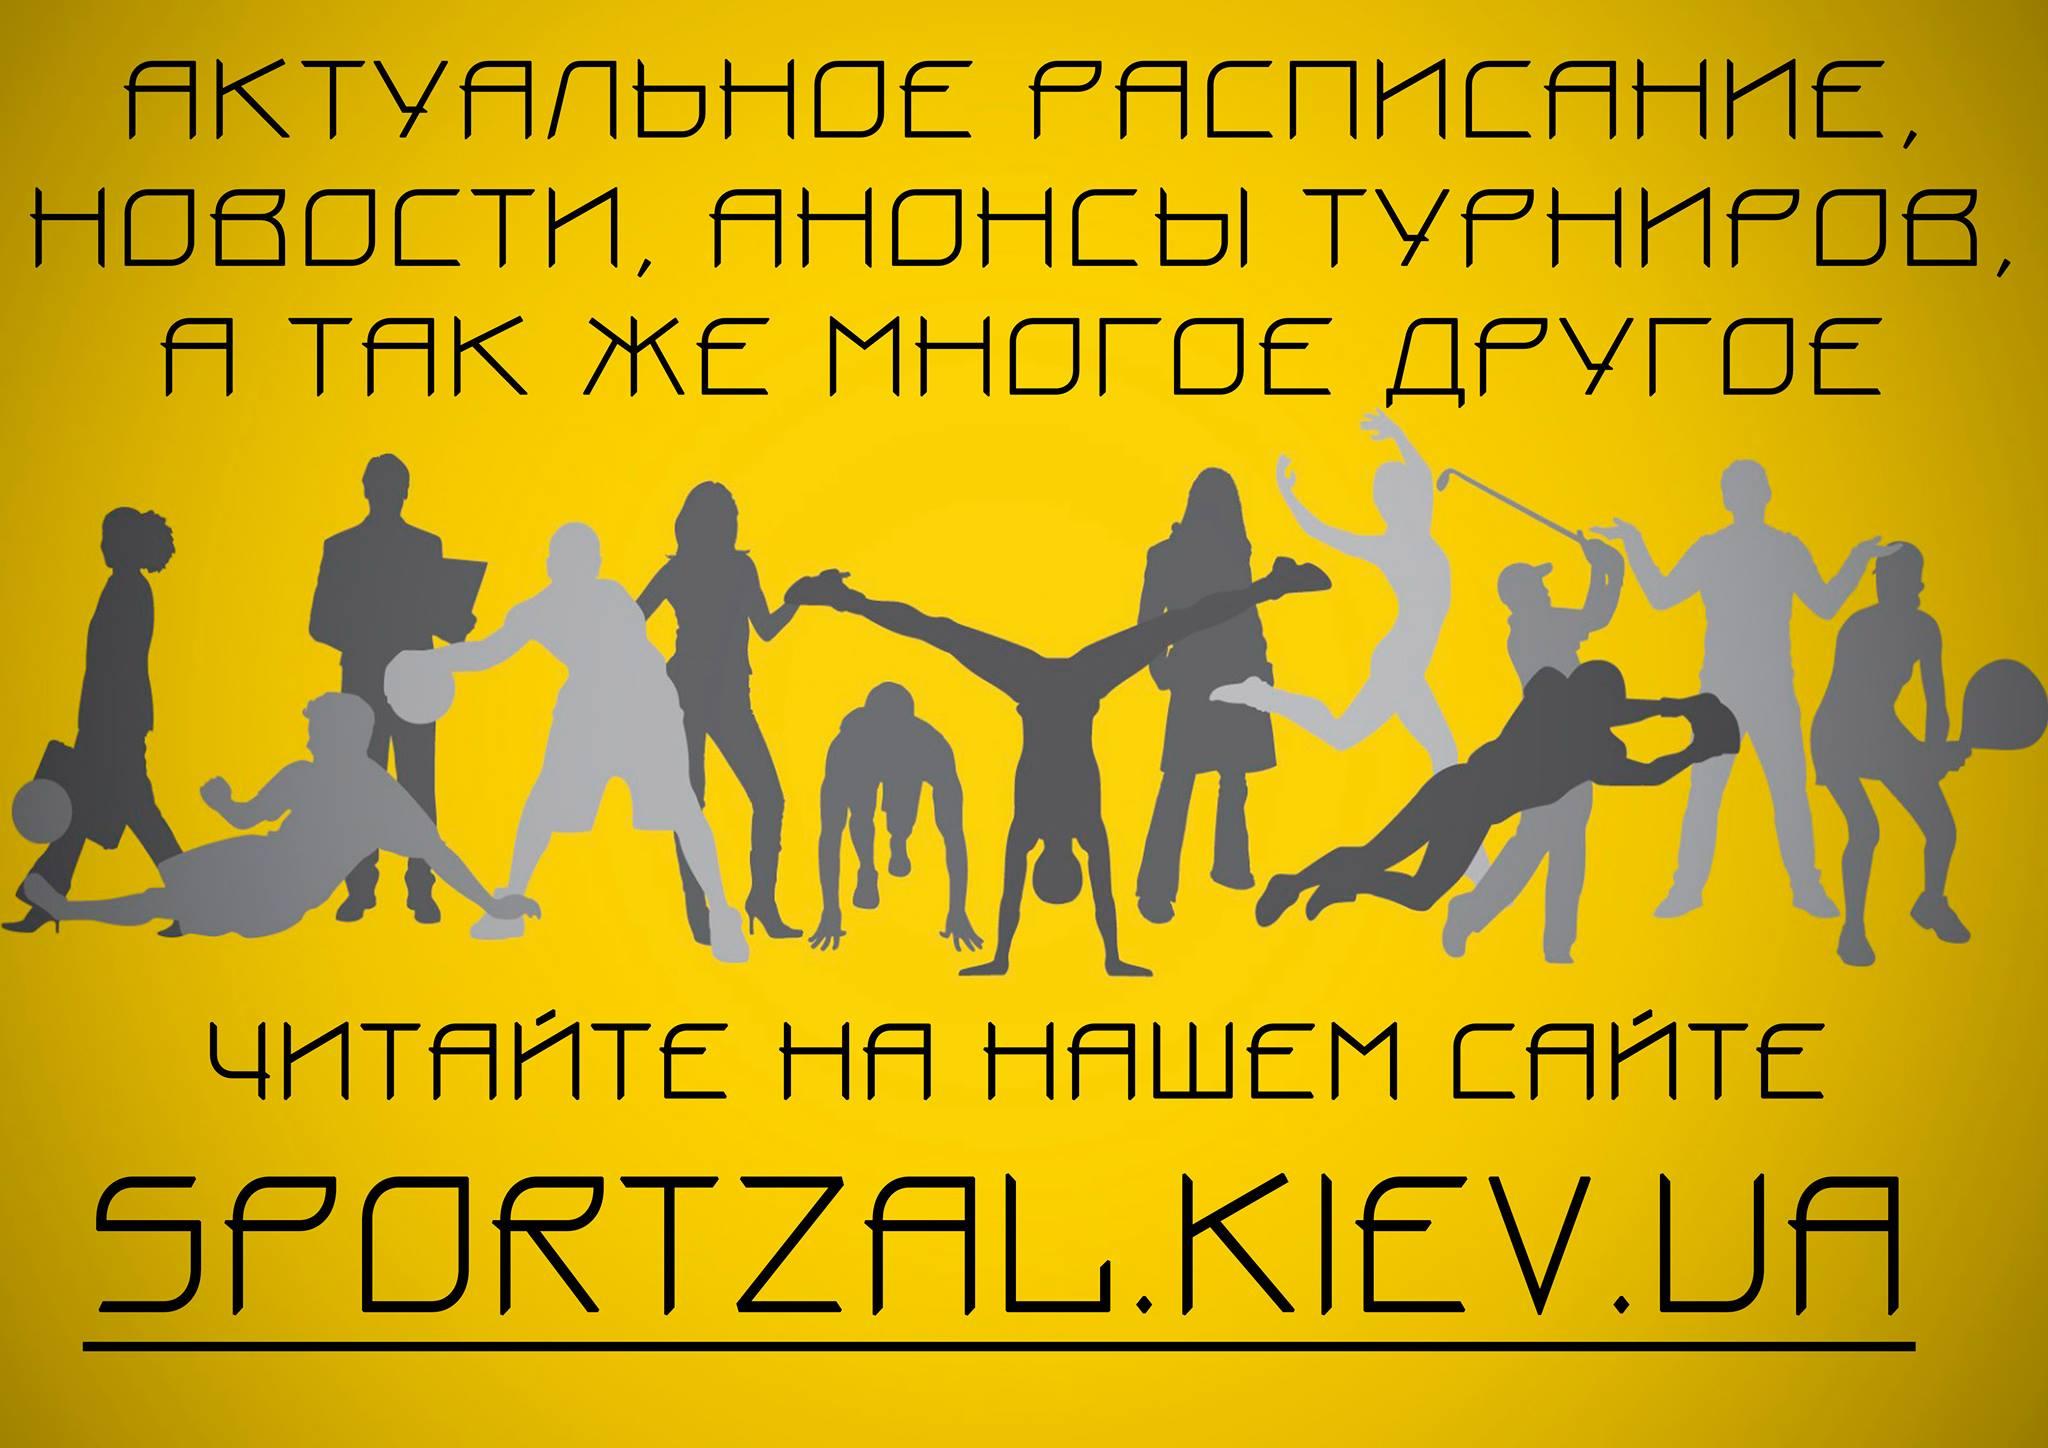 sportzal.kiev.ua